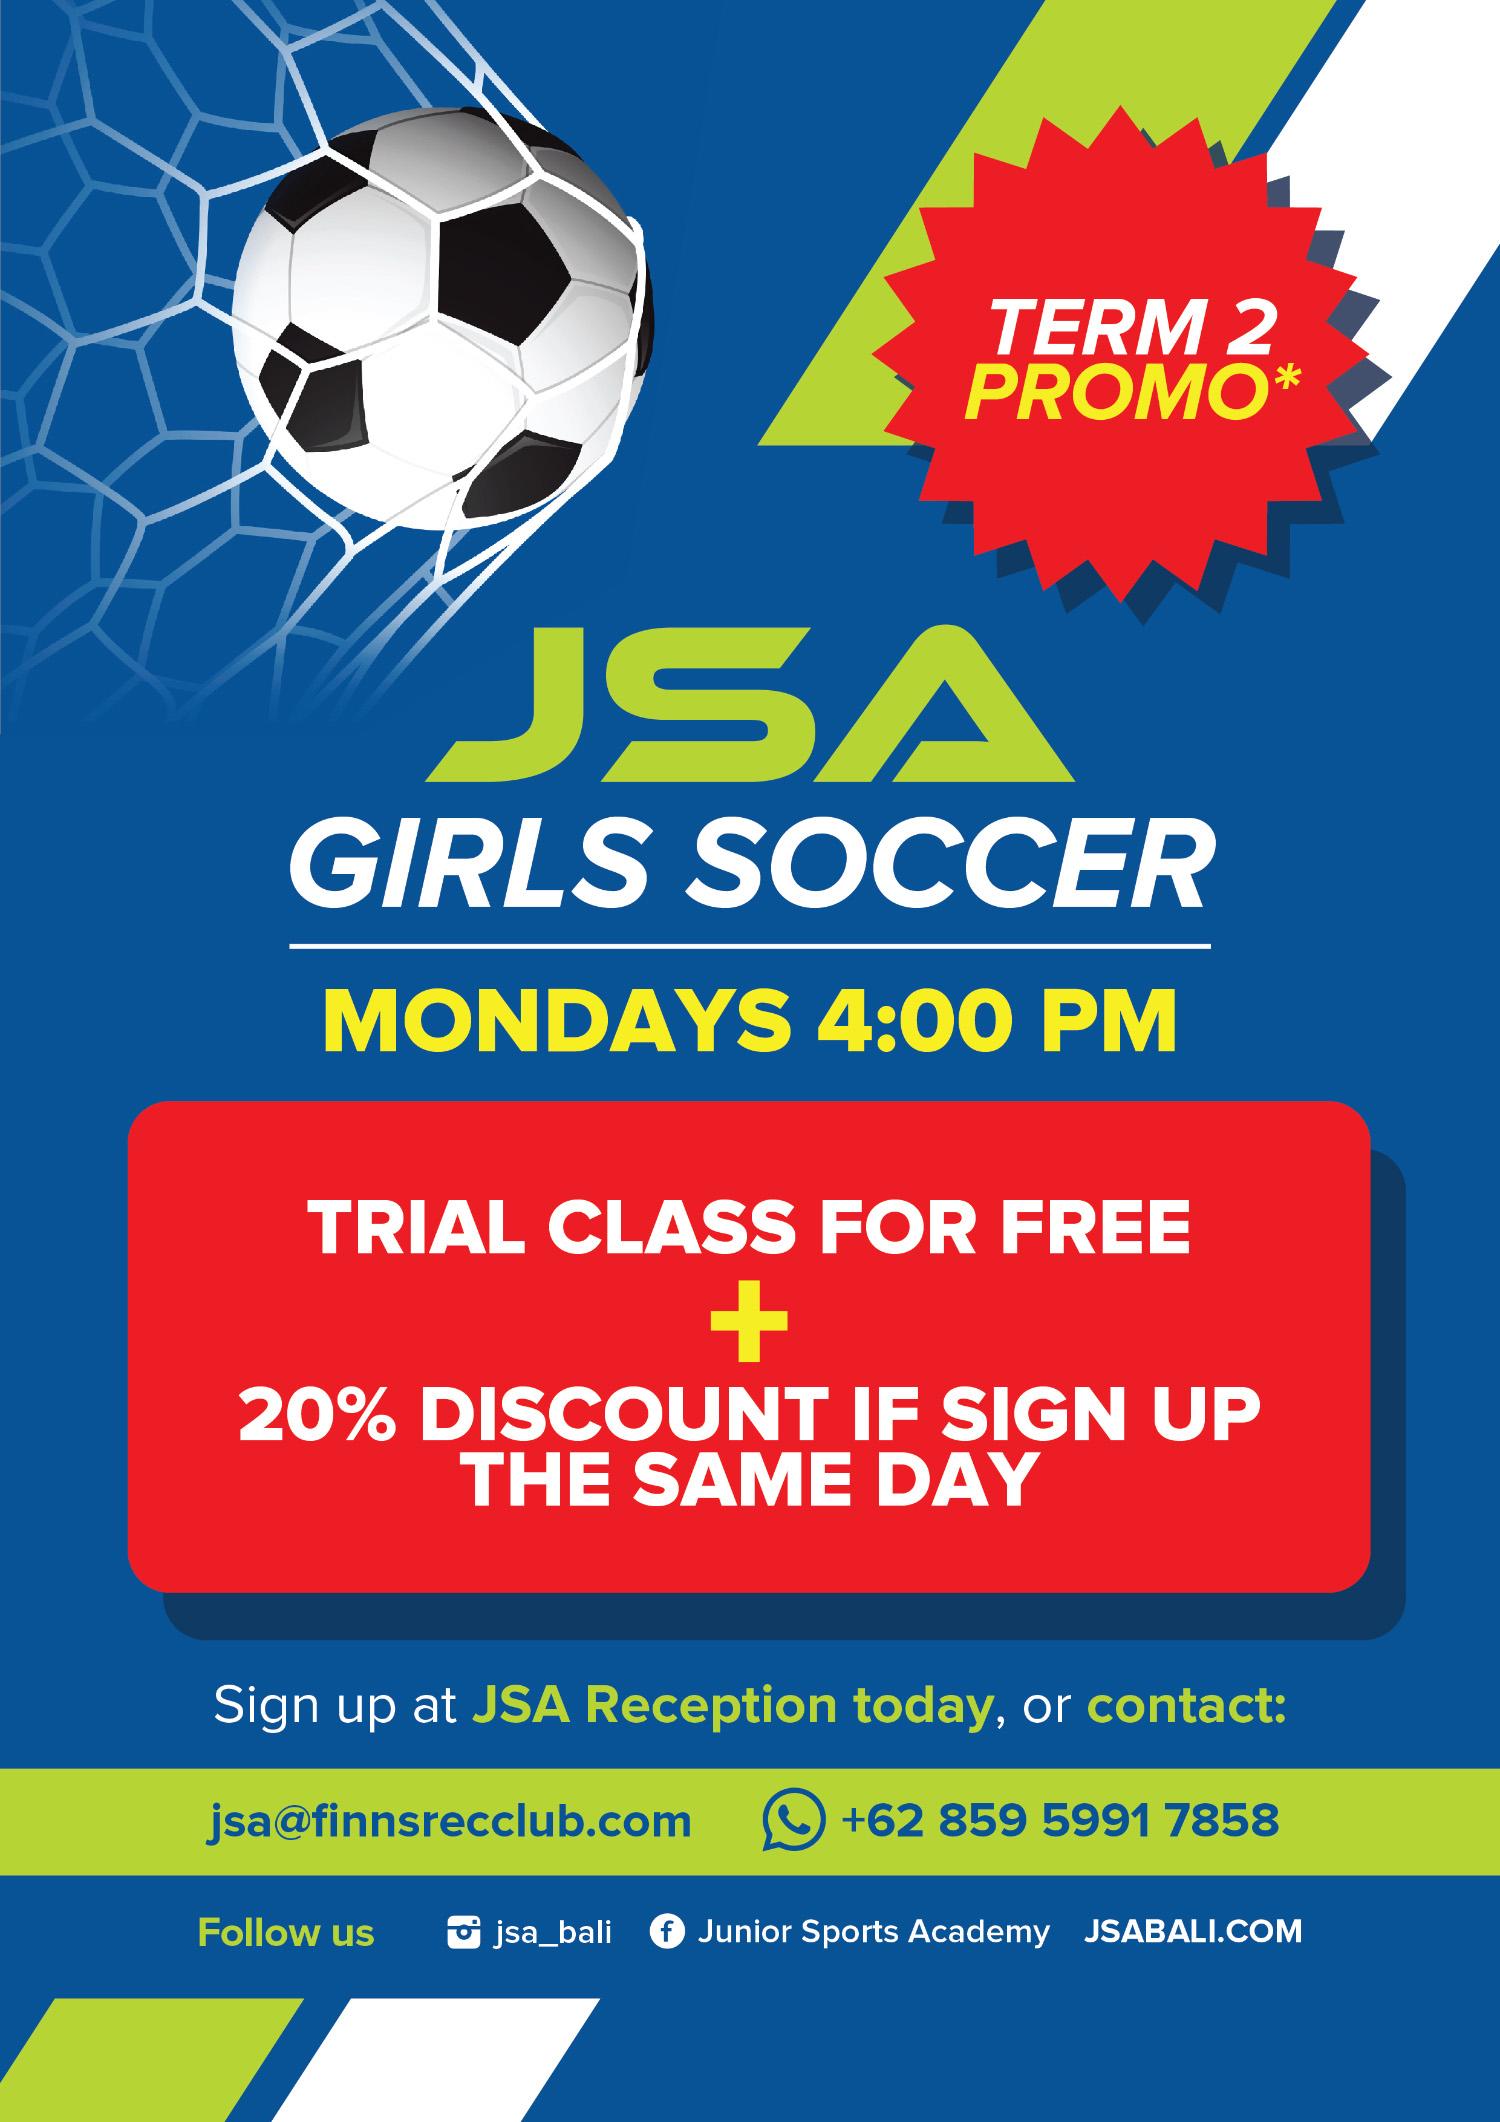 JSA Girls Soccer